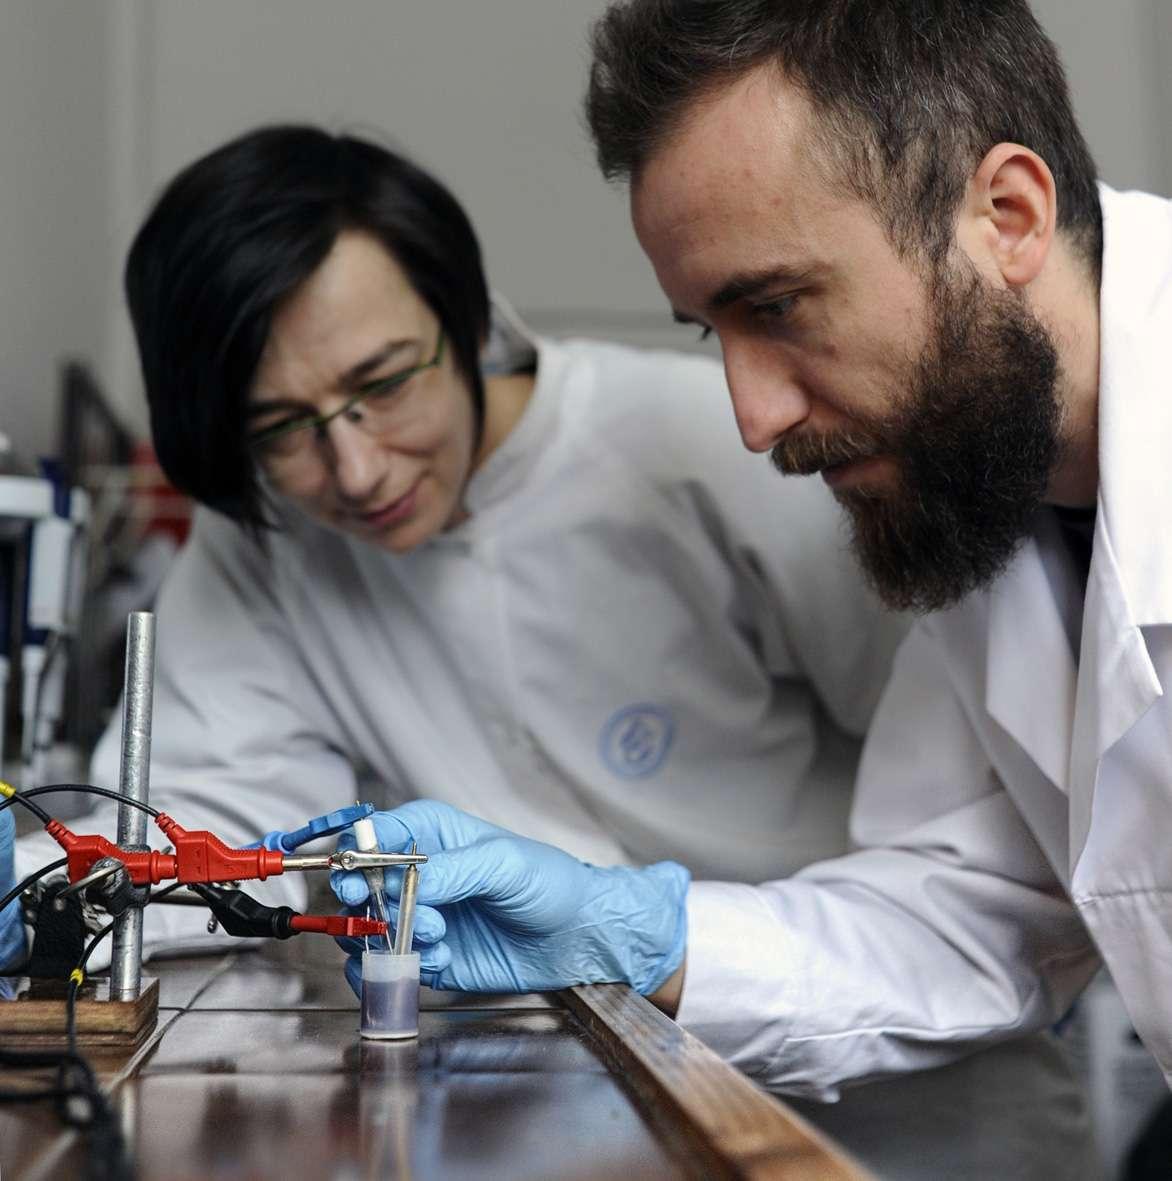 Des nanoparticules de différents types peuvent désormais être liées rapidement et de façon permanente à un substrat par le biais de la chimie clic. La méthode a été mise au point par une équipe de chercheurs de l'institut de Chimie physique de l'académie polonaise des Sciences. © IPC PAS, Grzegorz Krzyzewski